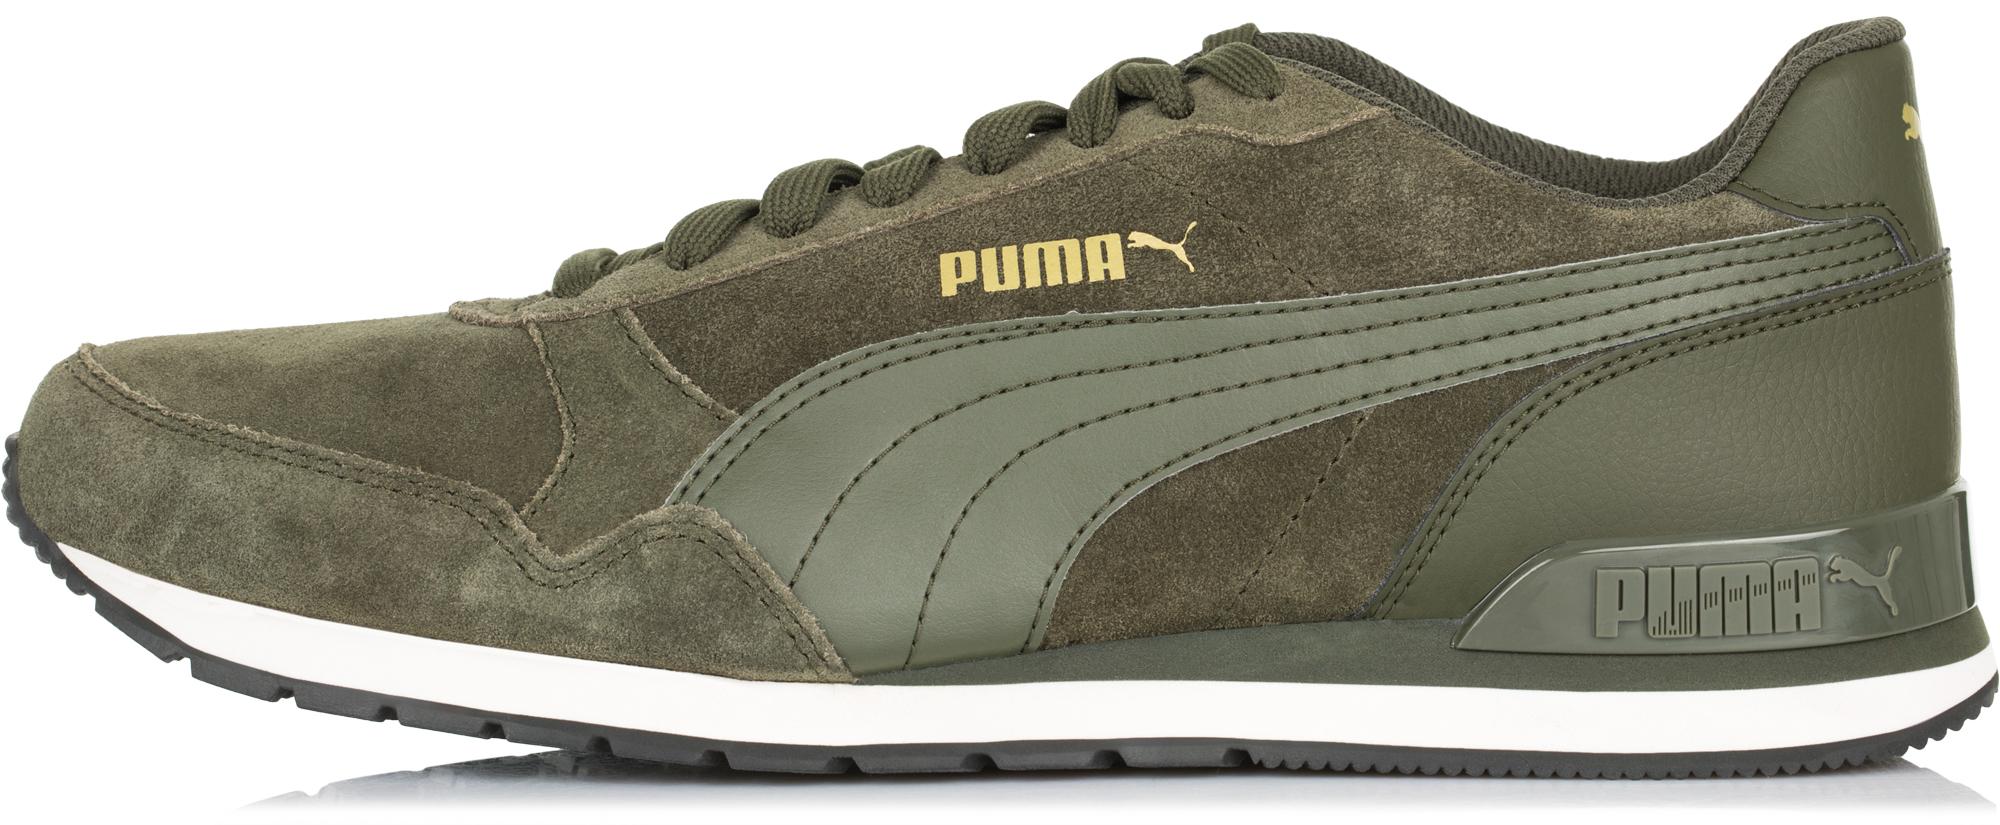 Puma Кроссовки мужские  ST Runner v2 Sd, размер 46